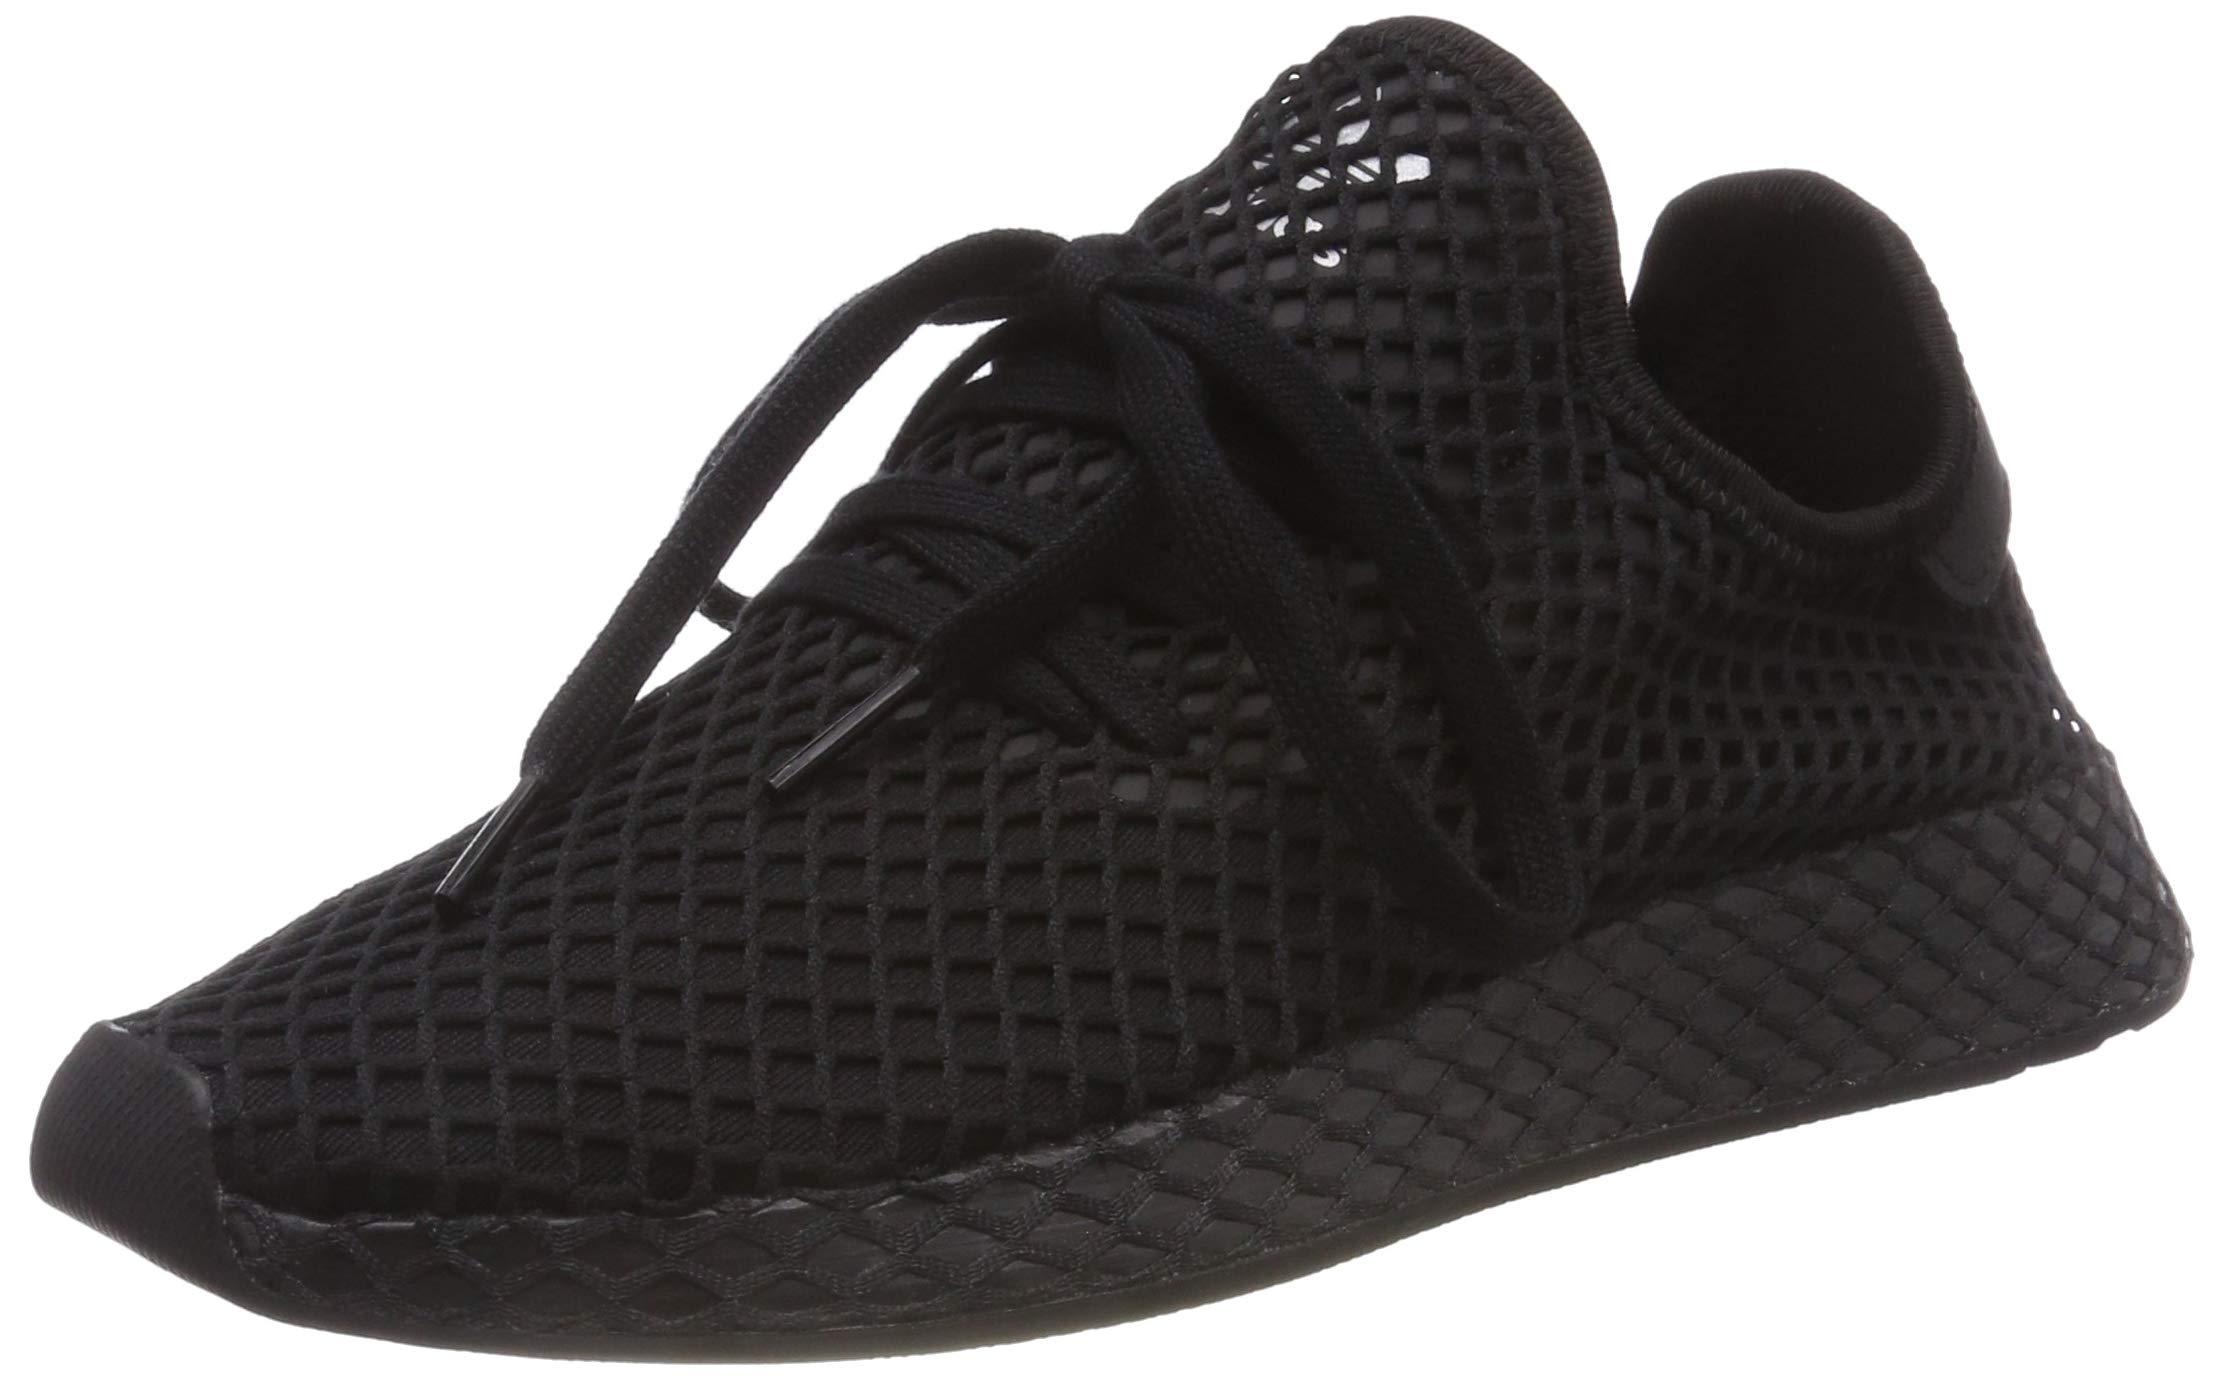 half off d1e0e 56440 Galleon - Adidas Originals Deerupt Runner Shoes 12.5 D(M) US  Cblackcblackftwwht